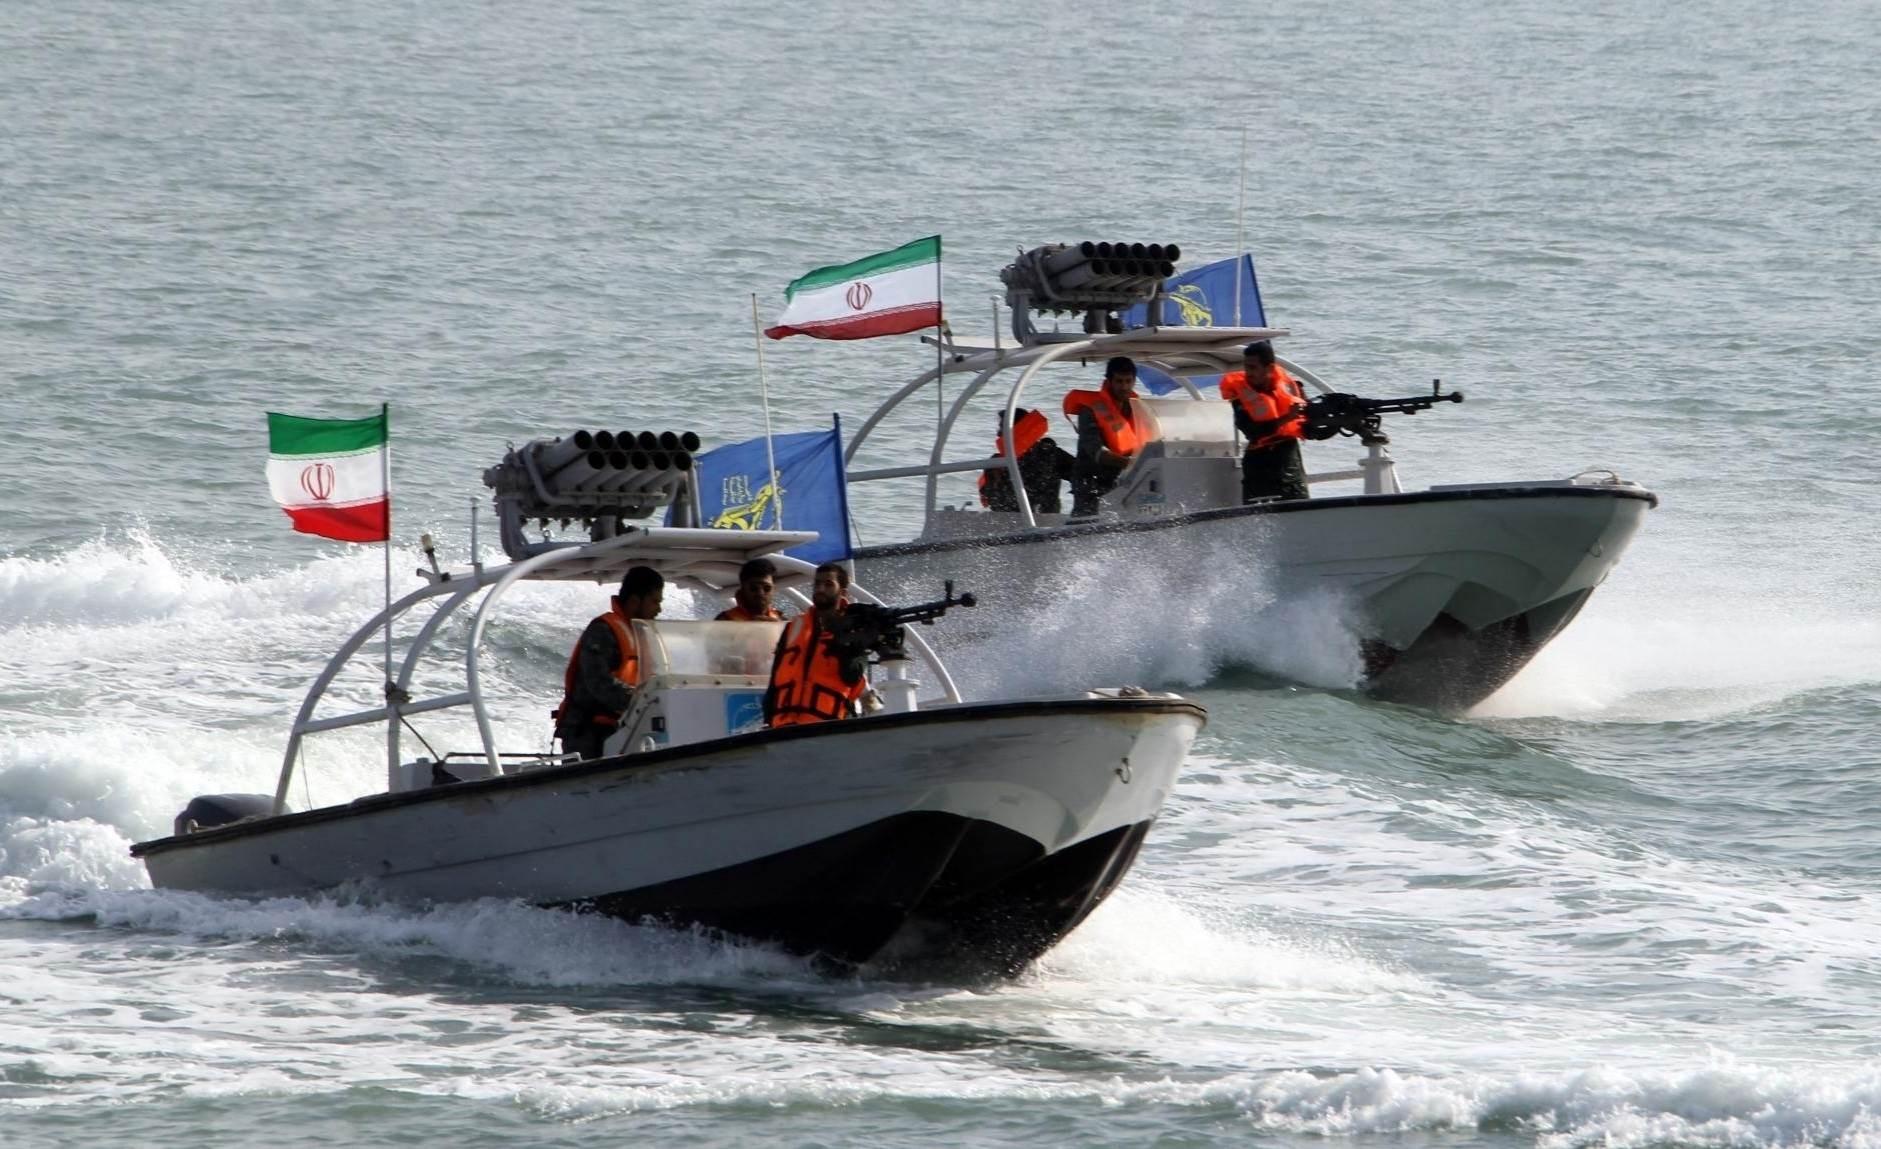 إيران لا تريد الحرب، فما الرسائل التي ترغب في إيصالها؟